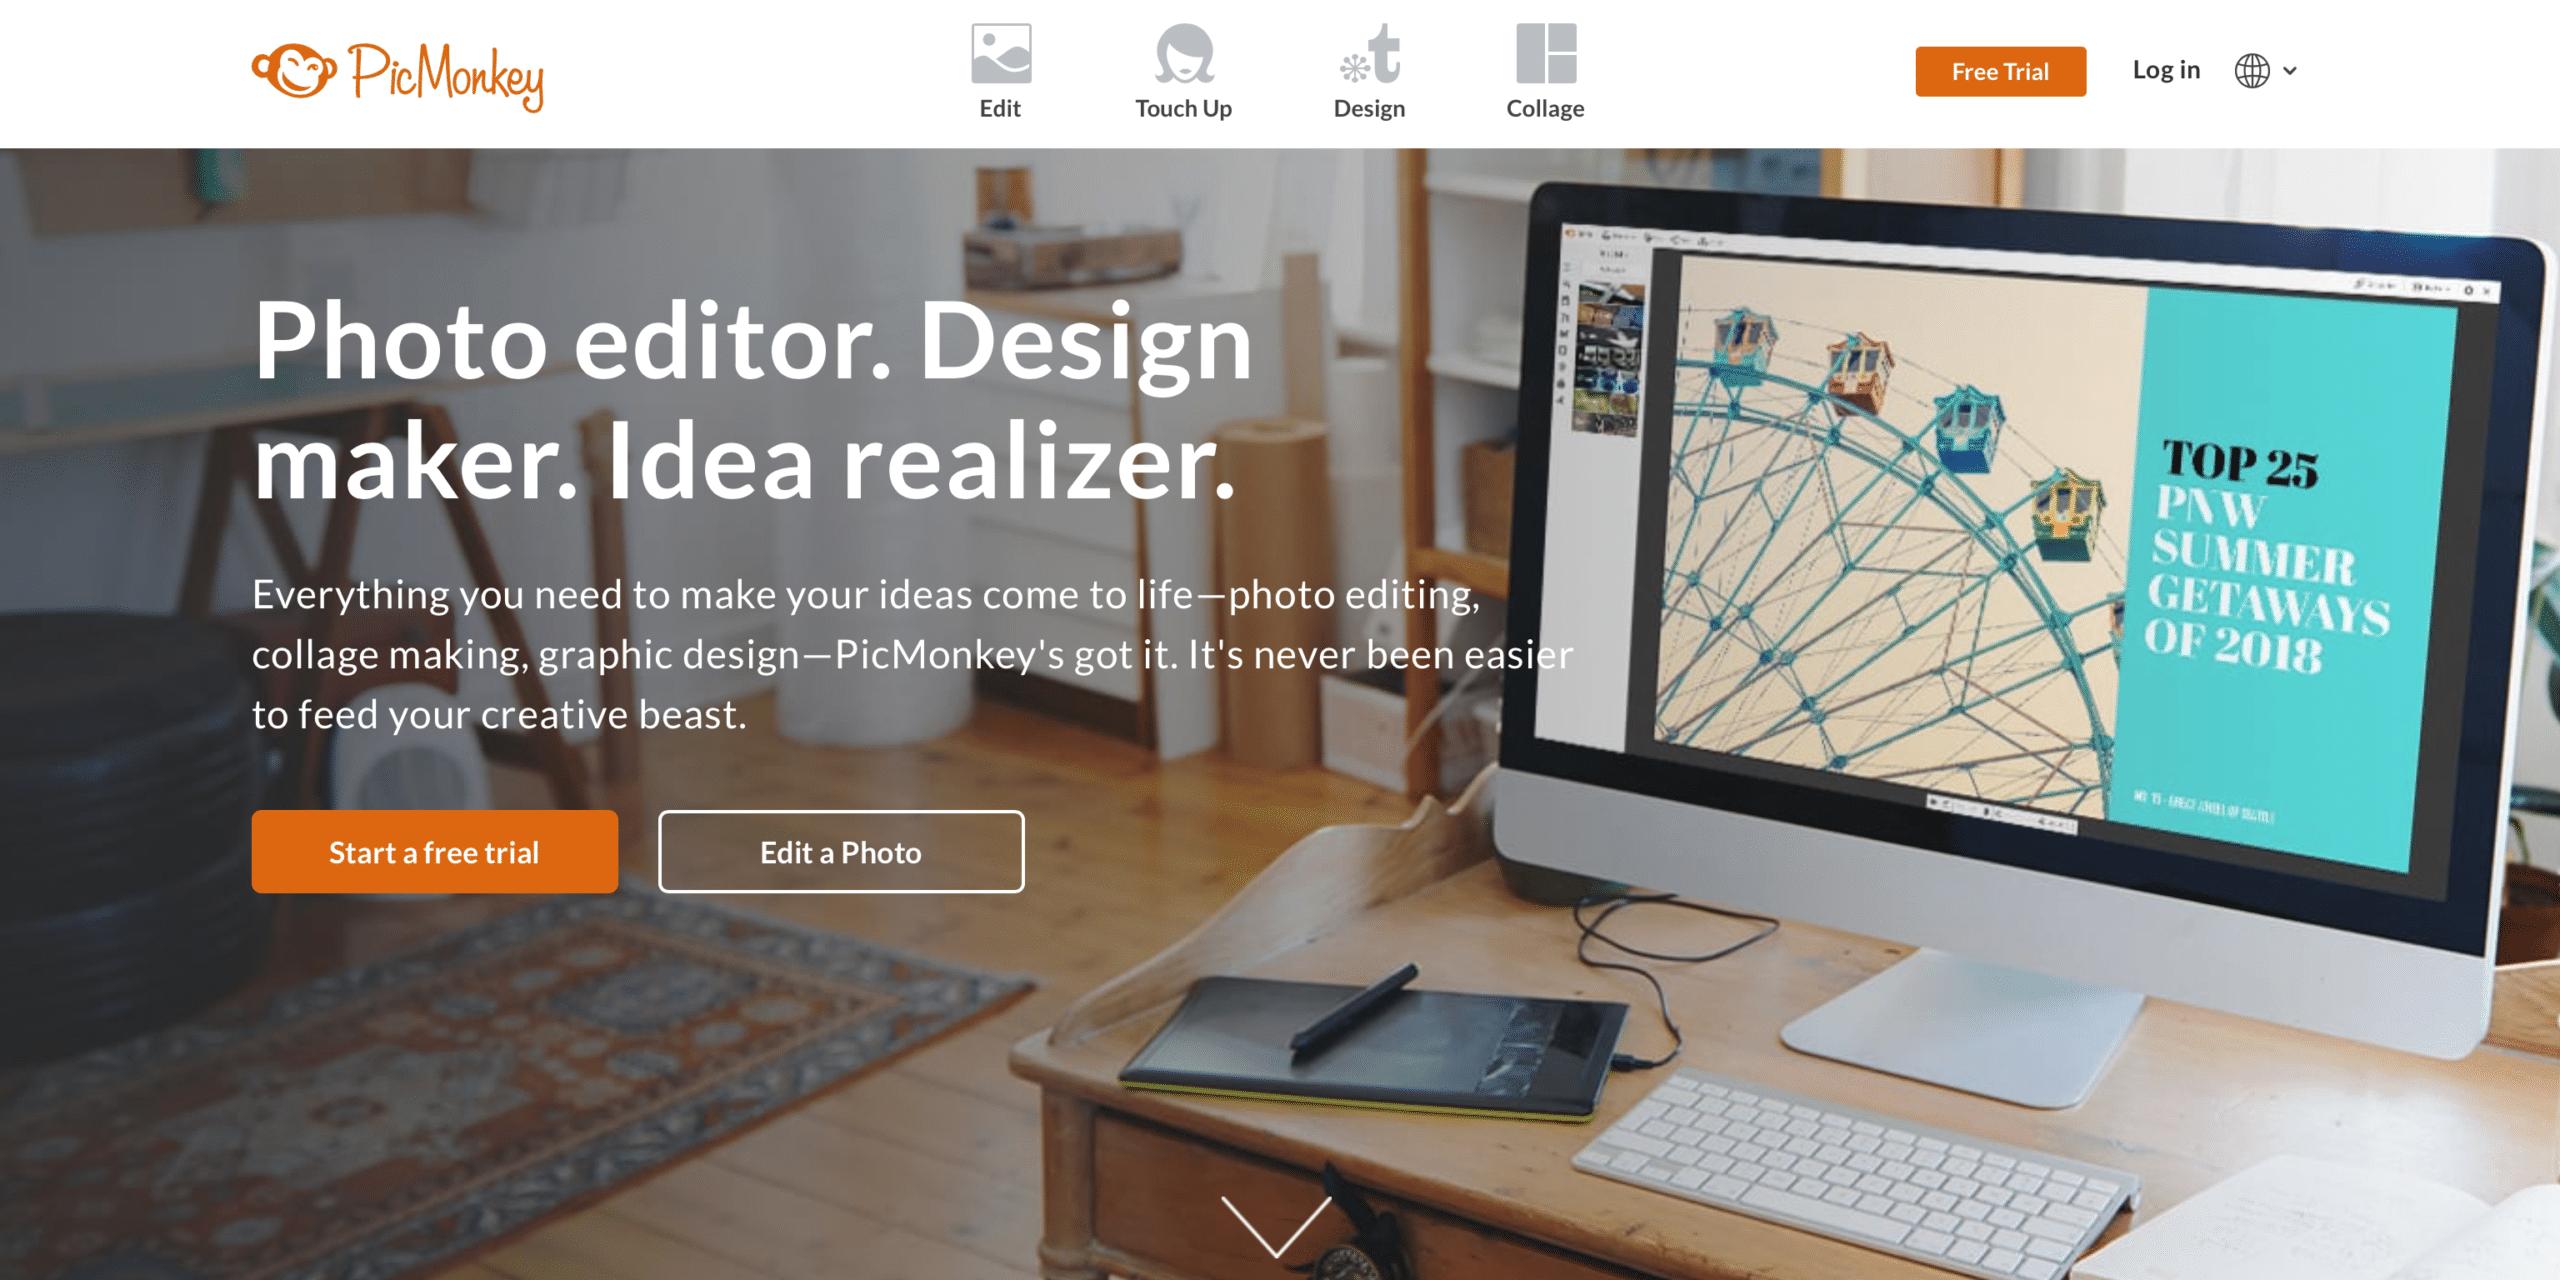 Photo Editor, Design maker, Idea realizer